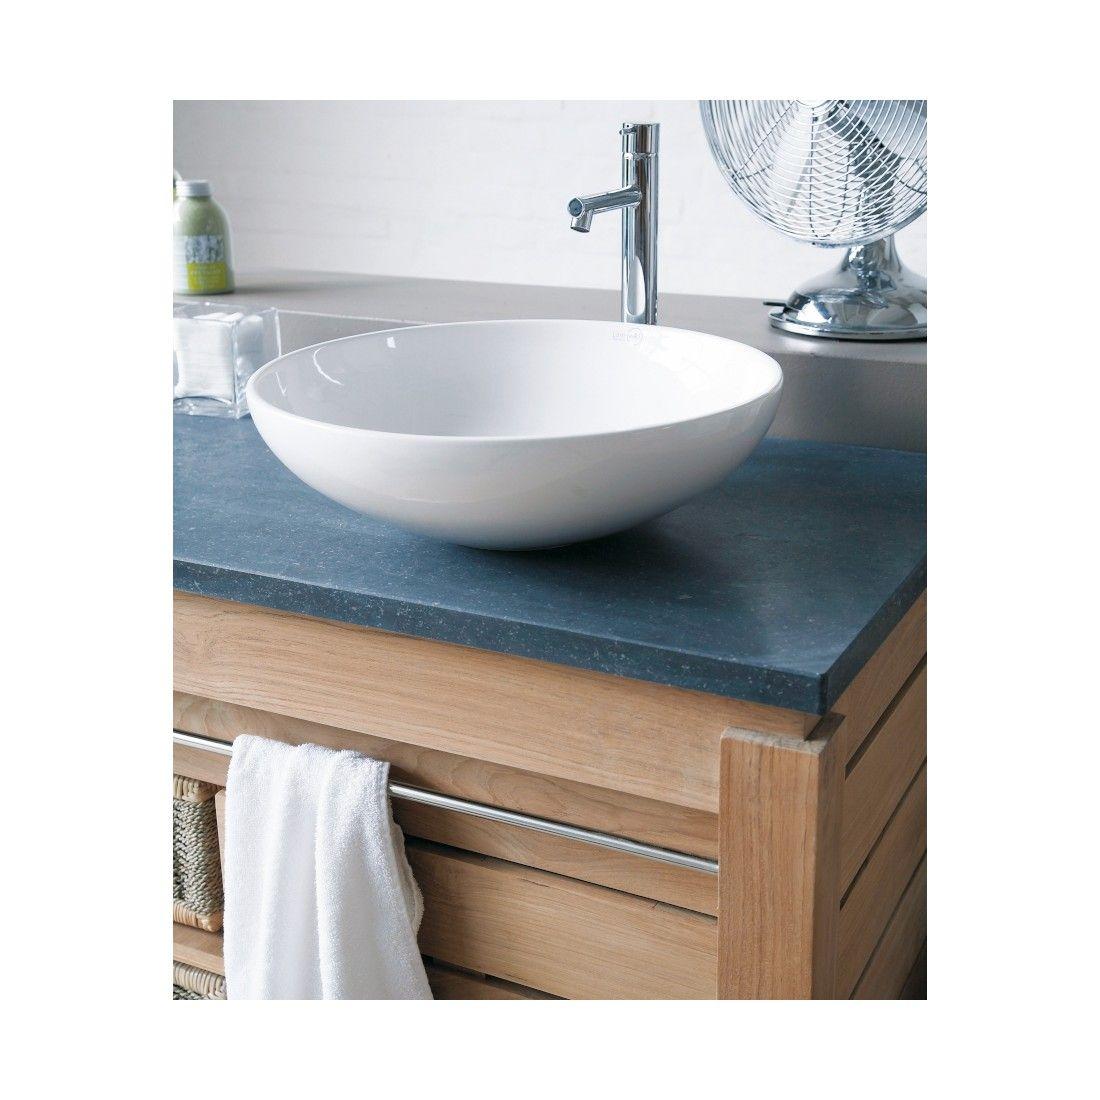 Meuble 2 vasques en teck massif avec plan de toilette en pierre, 2 portes, 2 paniers